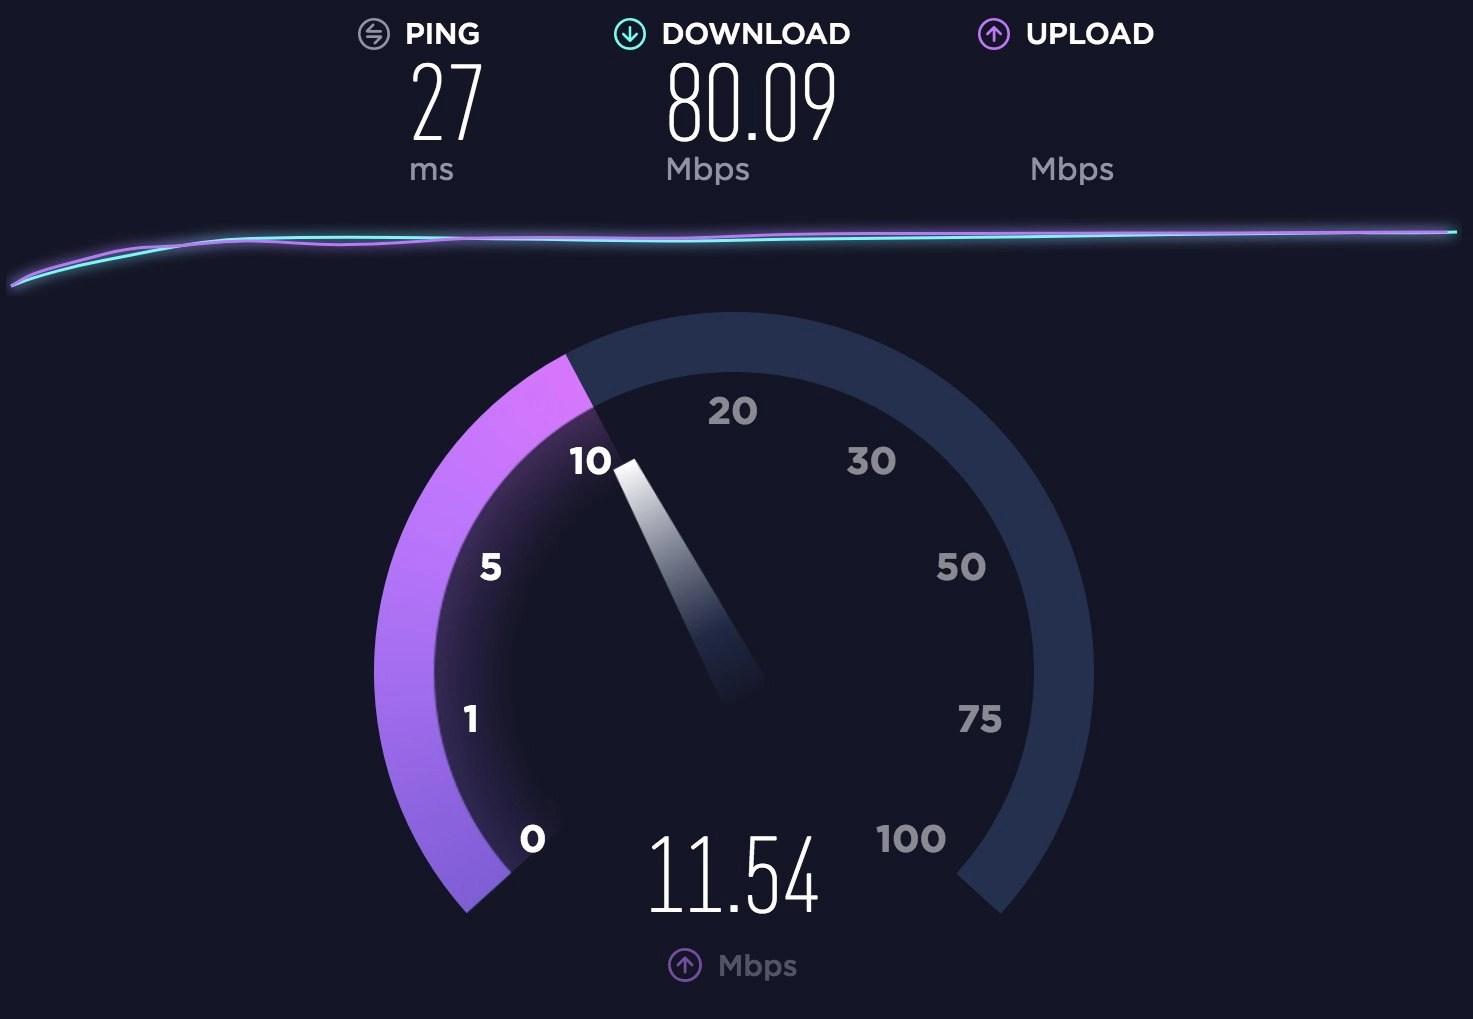 Internet speeds being measured